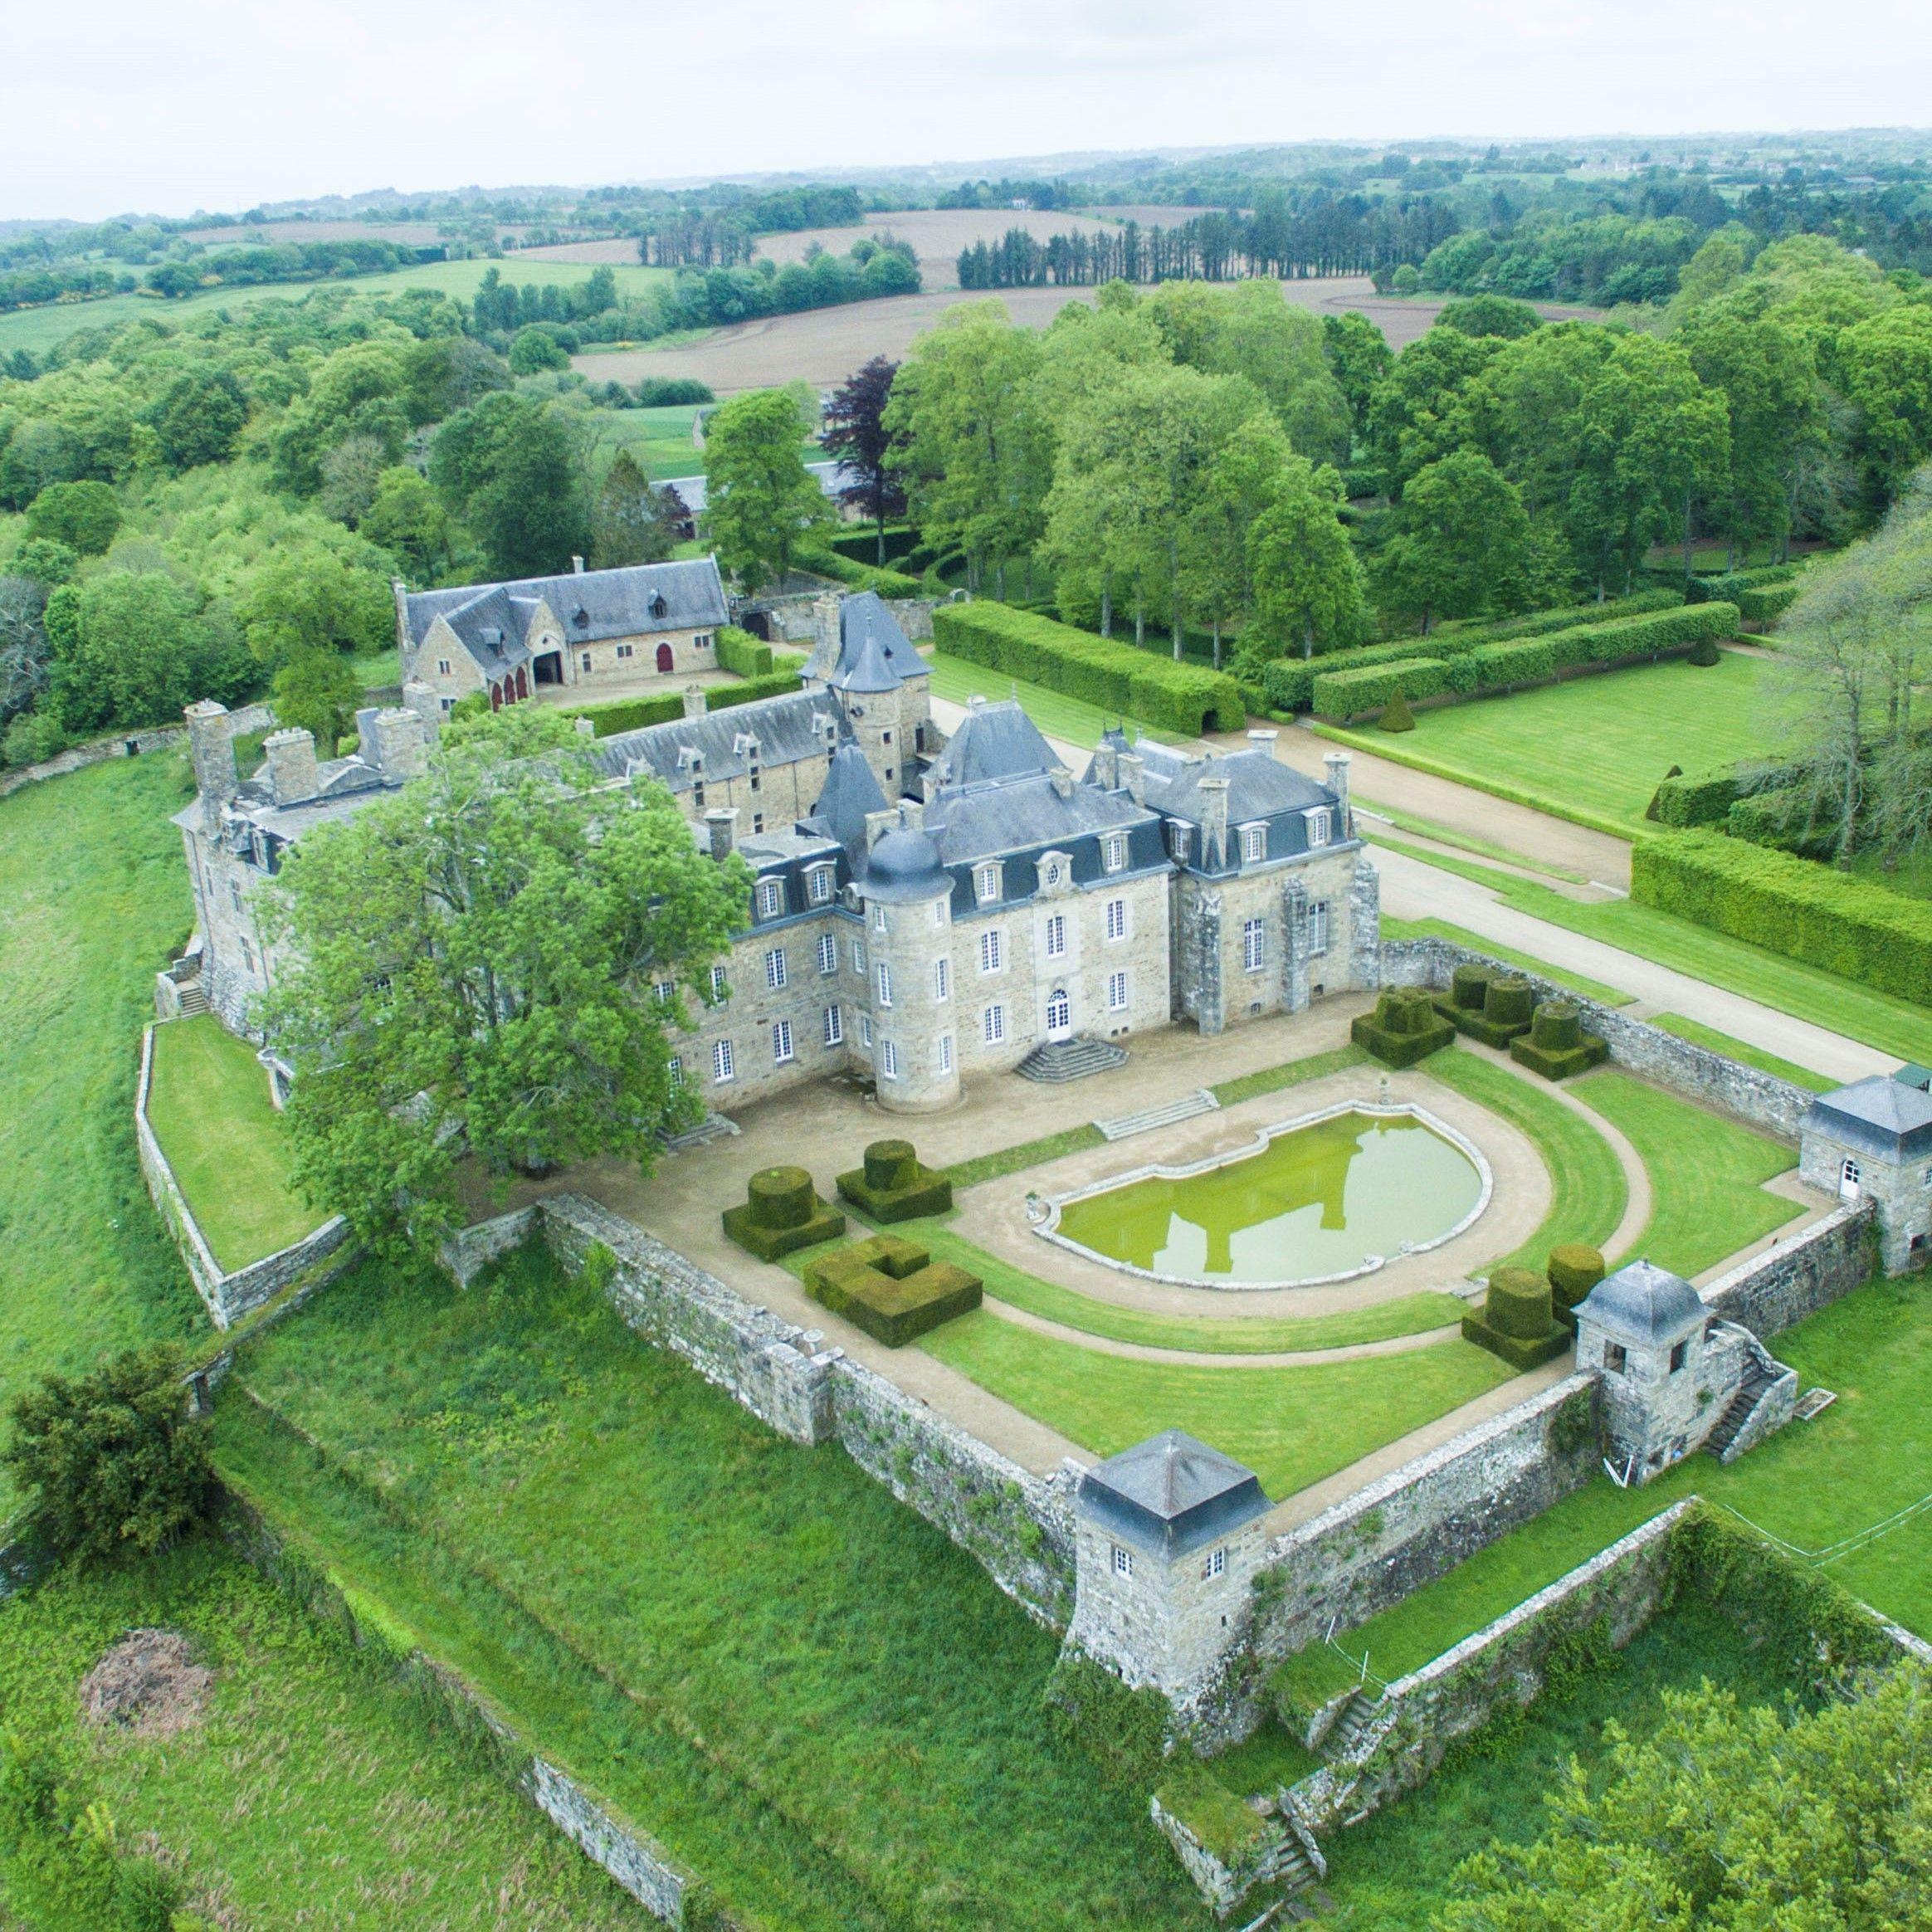 Guide des Châteaux 2020 Chateau france, Les chateaux de